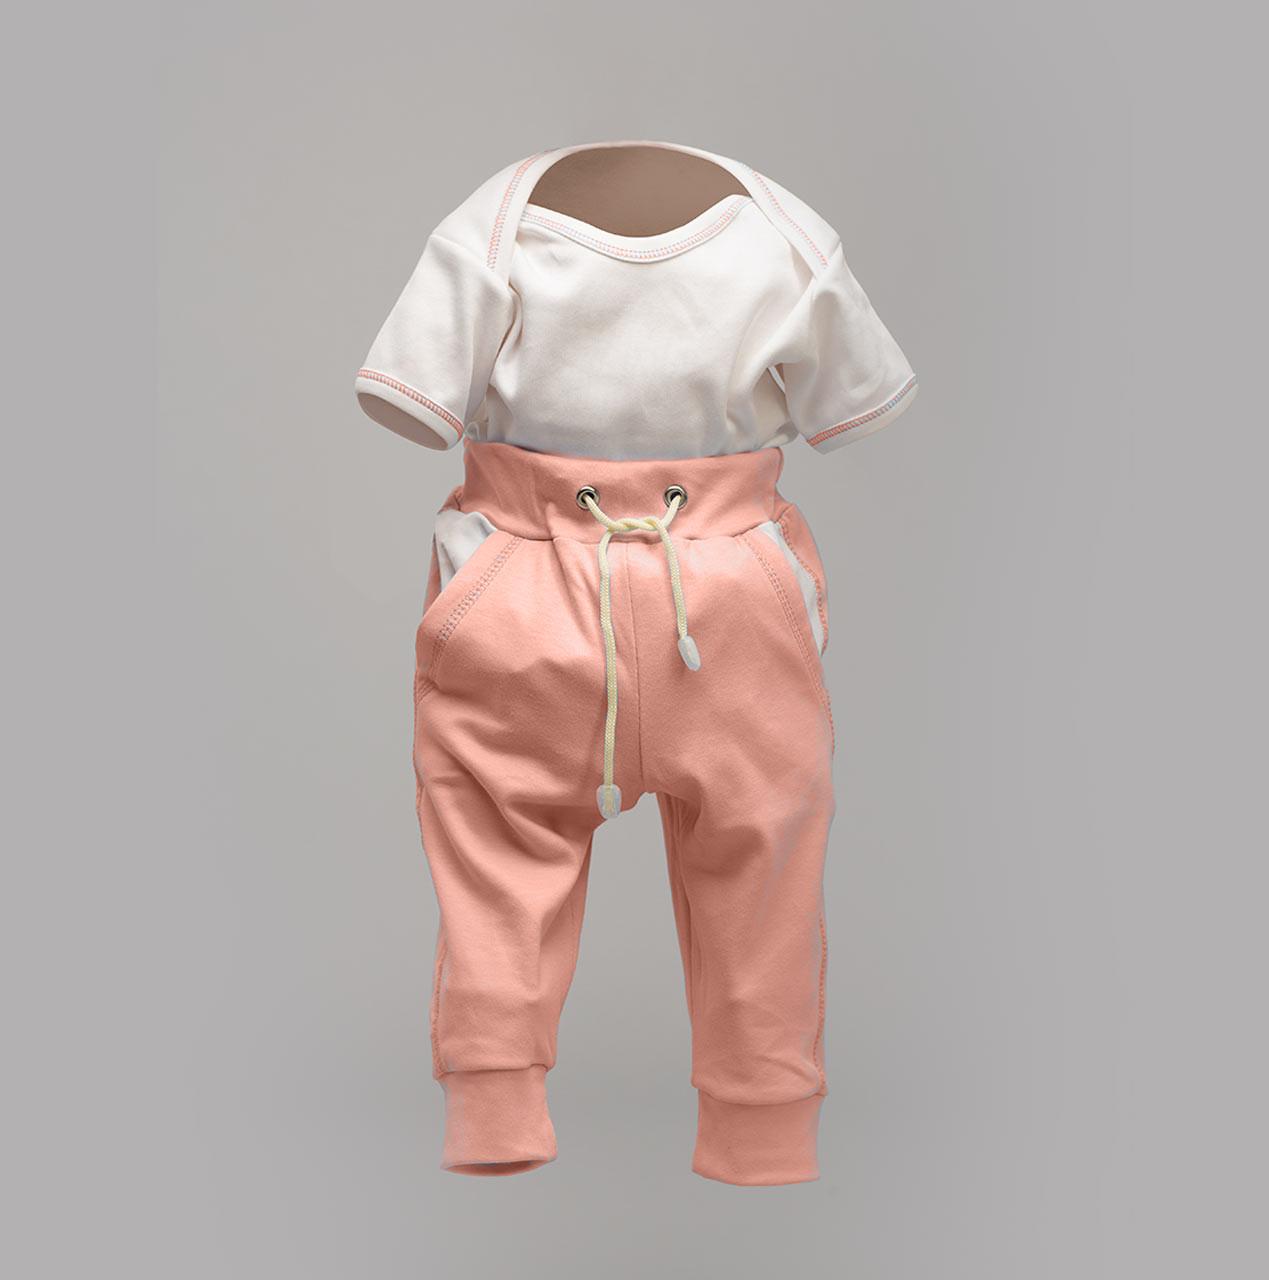 Комплект до года для девочки: боди-лодочка и штаны на еврорезинке, персик Интерлок | Набір для новонароджених